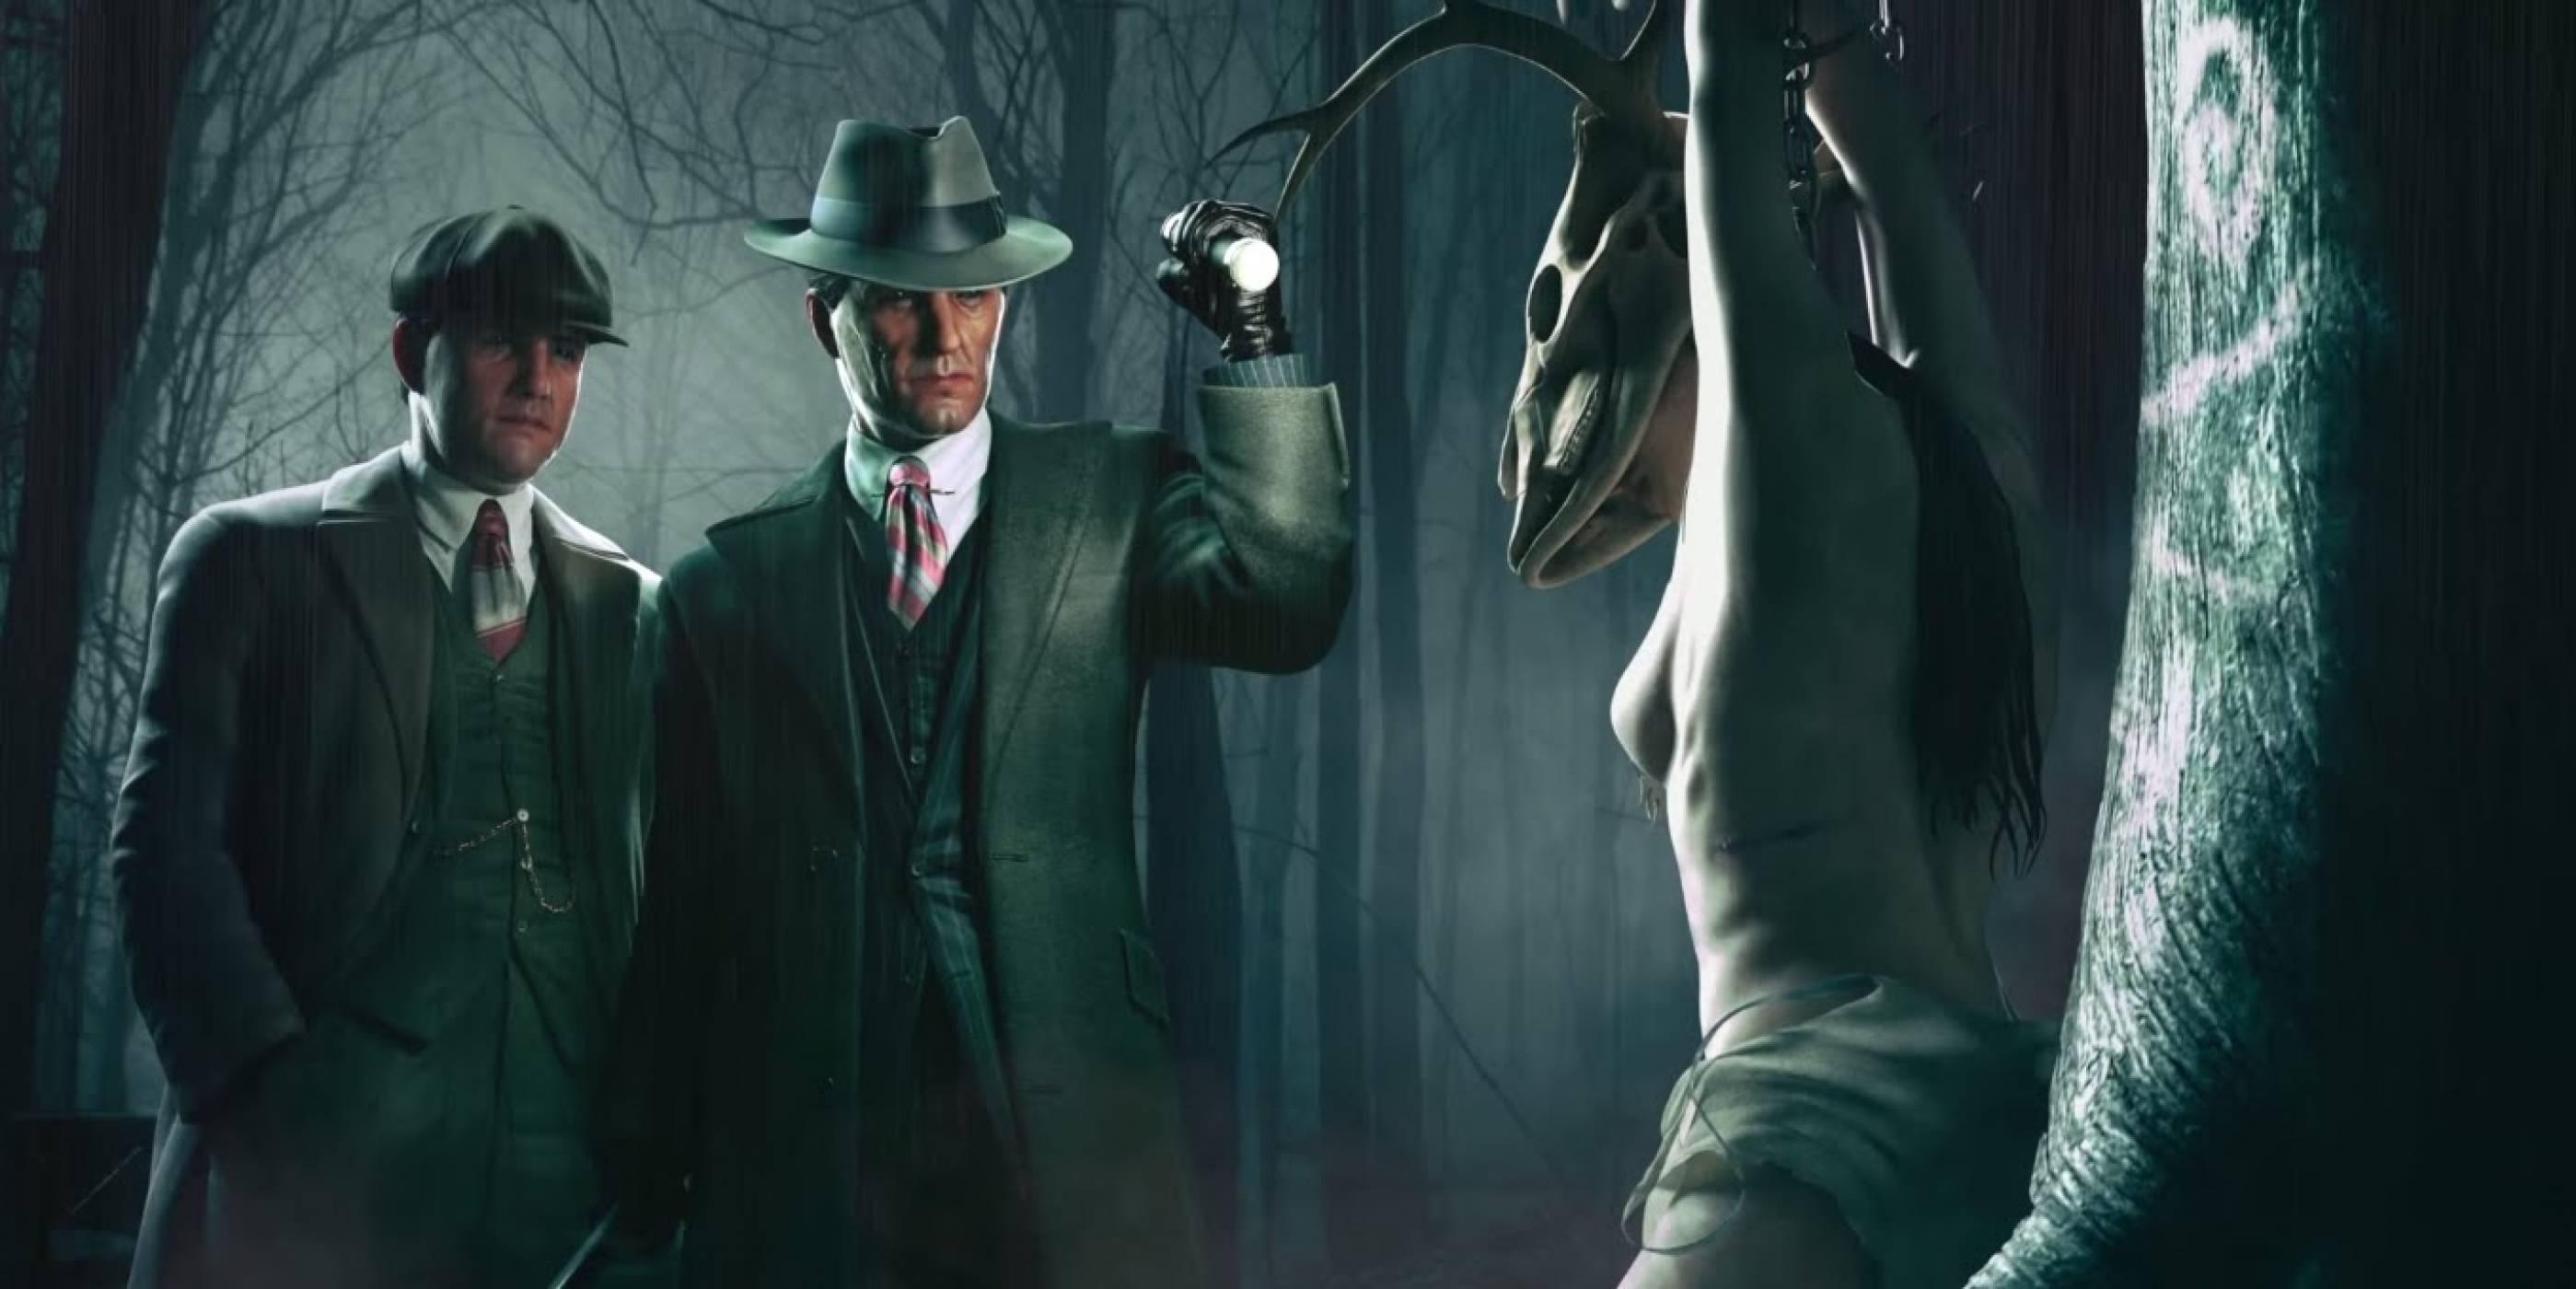 Хелоуин по геймърски, или кратка история на хорър игрите